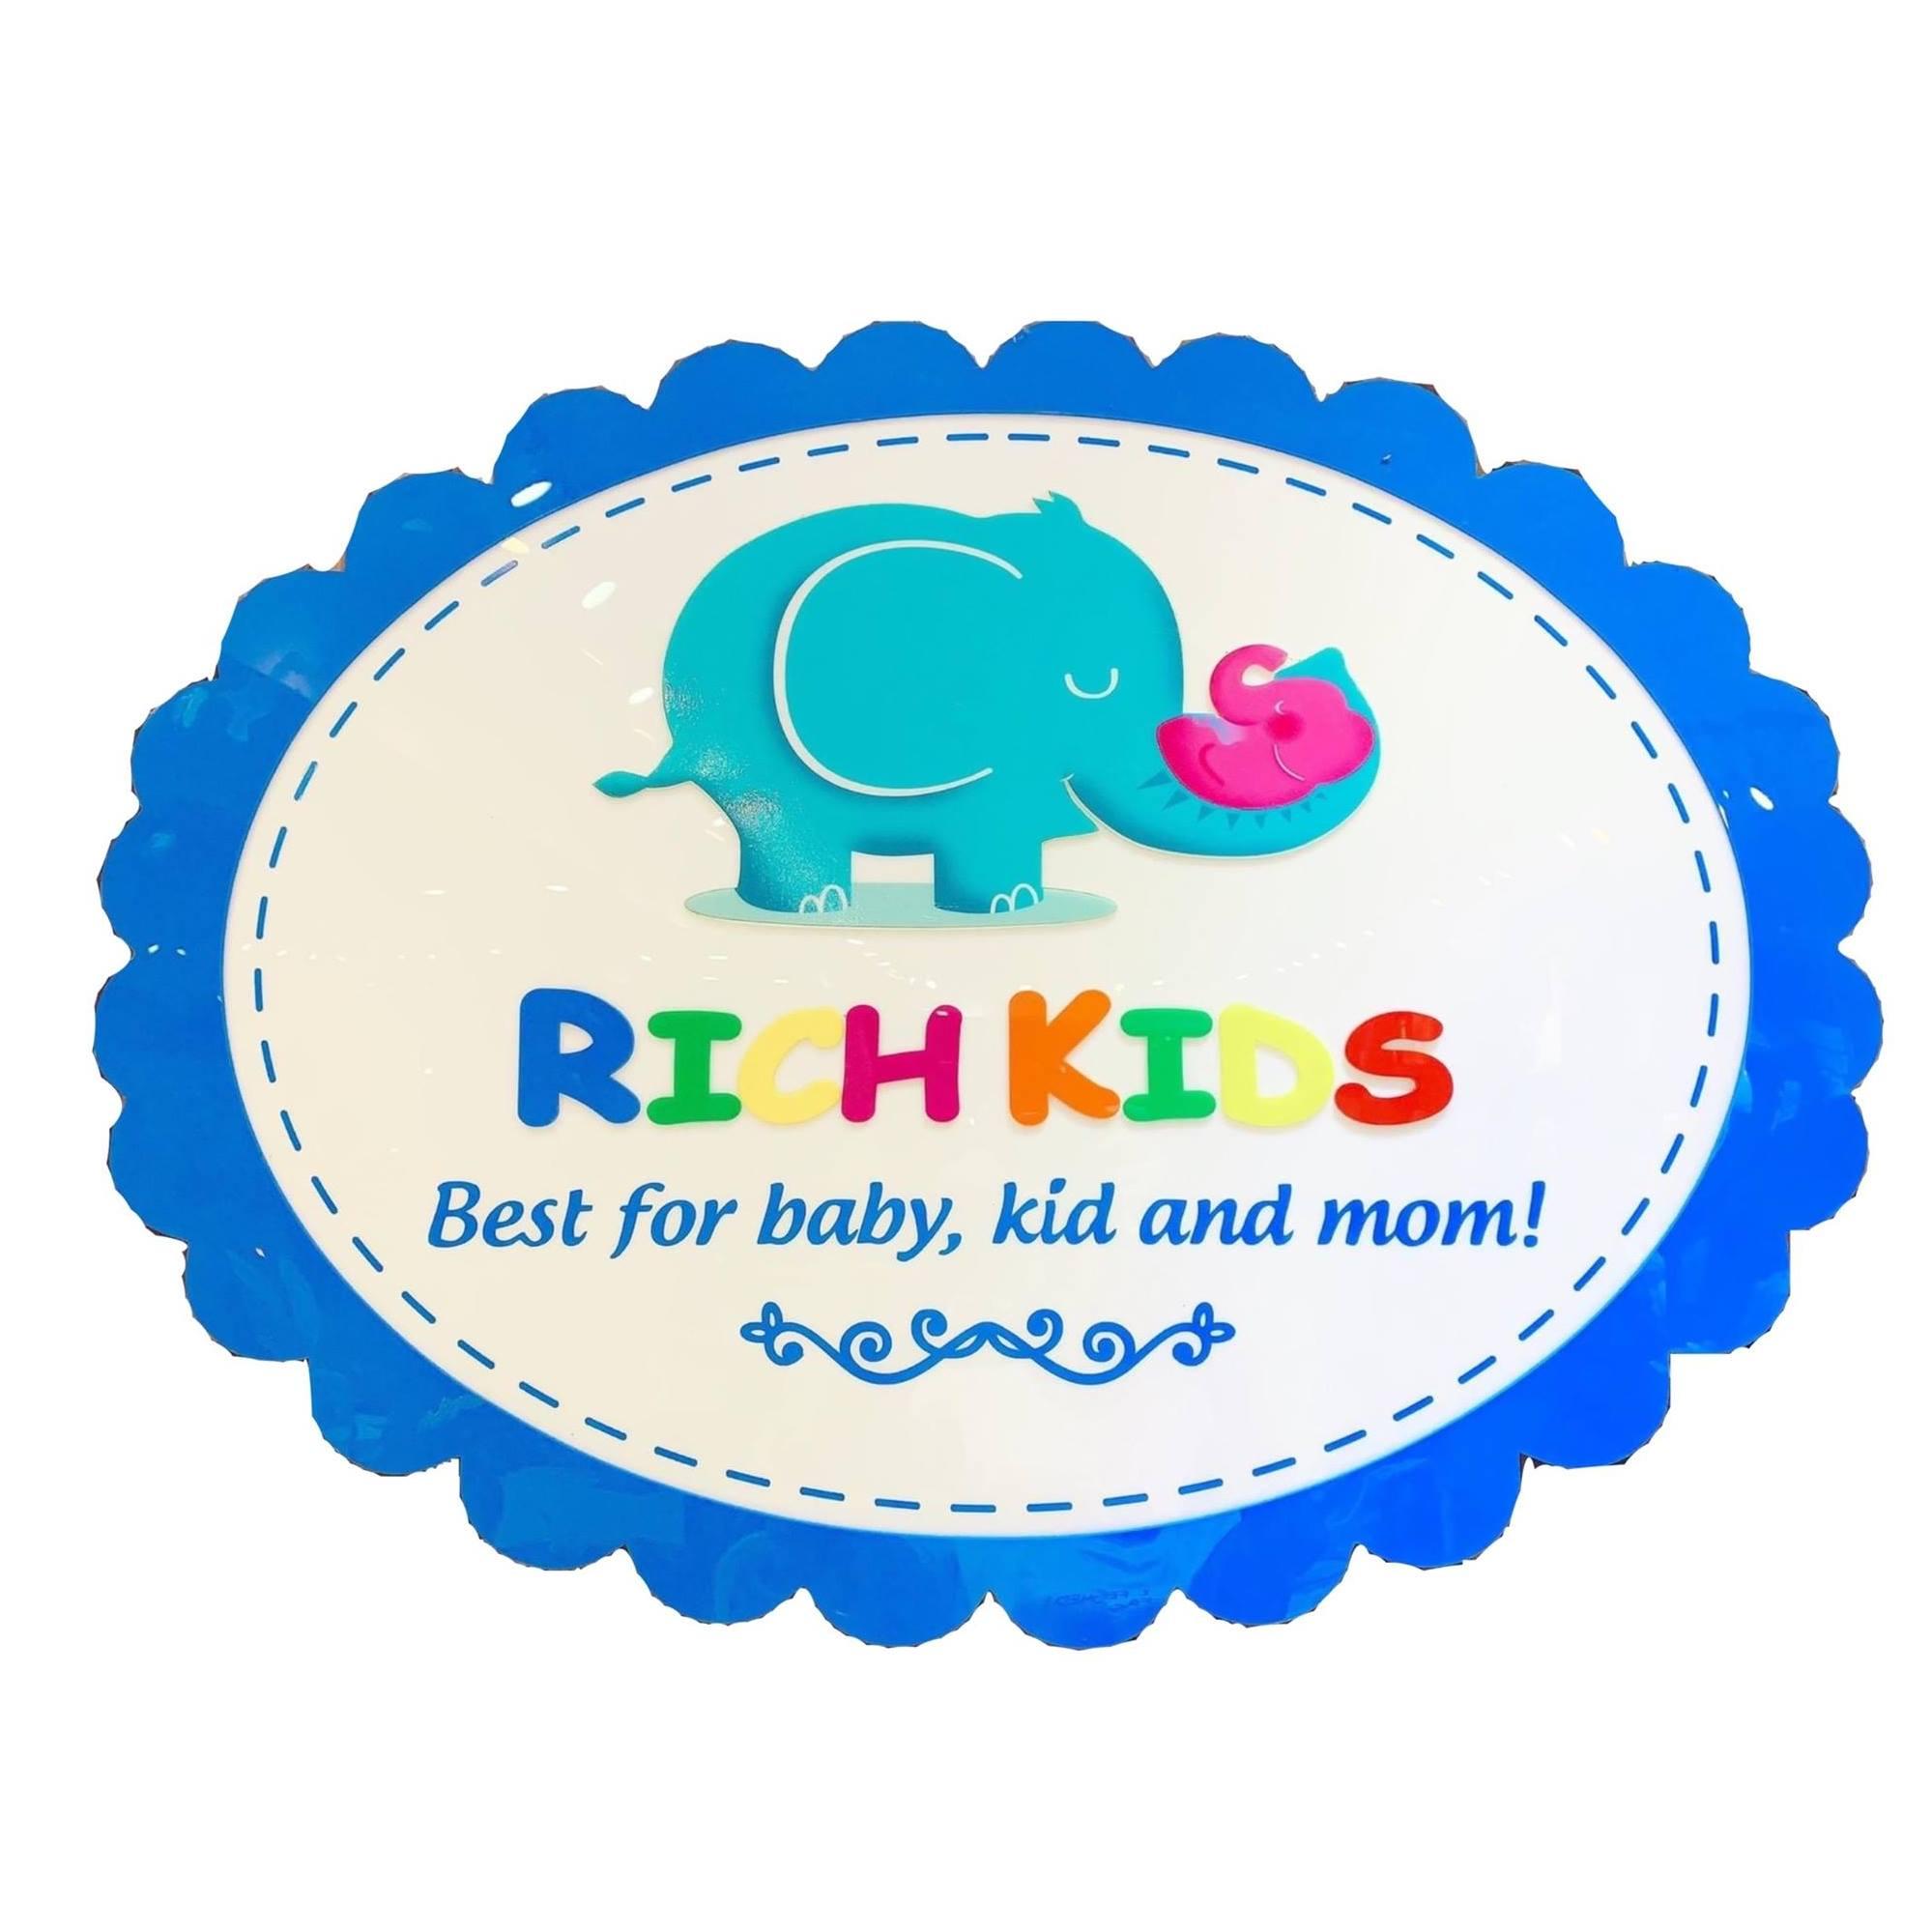 Cửa hàng Rich Kids15 Đường Số 9, Khu Trung Tâm Hành Chính, Khu Phố Nhị Đồng 2, Phường Dĩ An, Thành phố Dĩ An, Bình Dương093 371 69 16